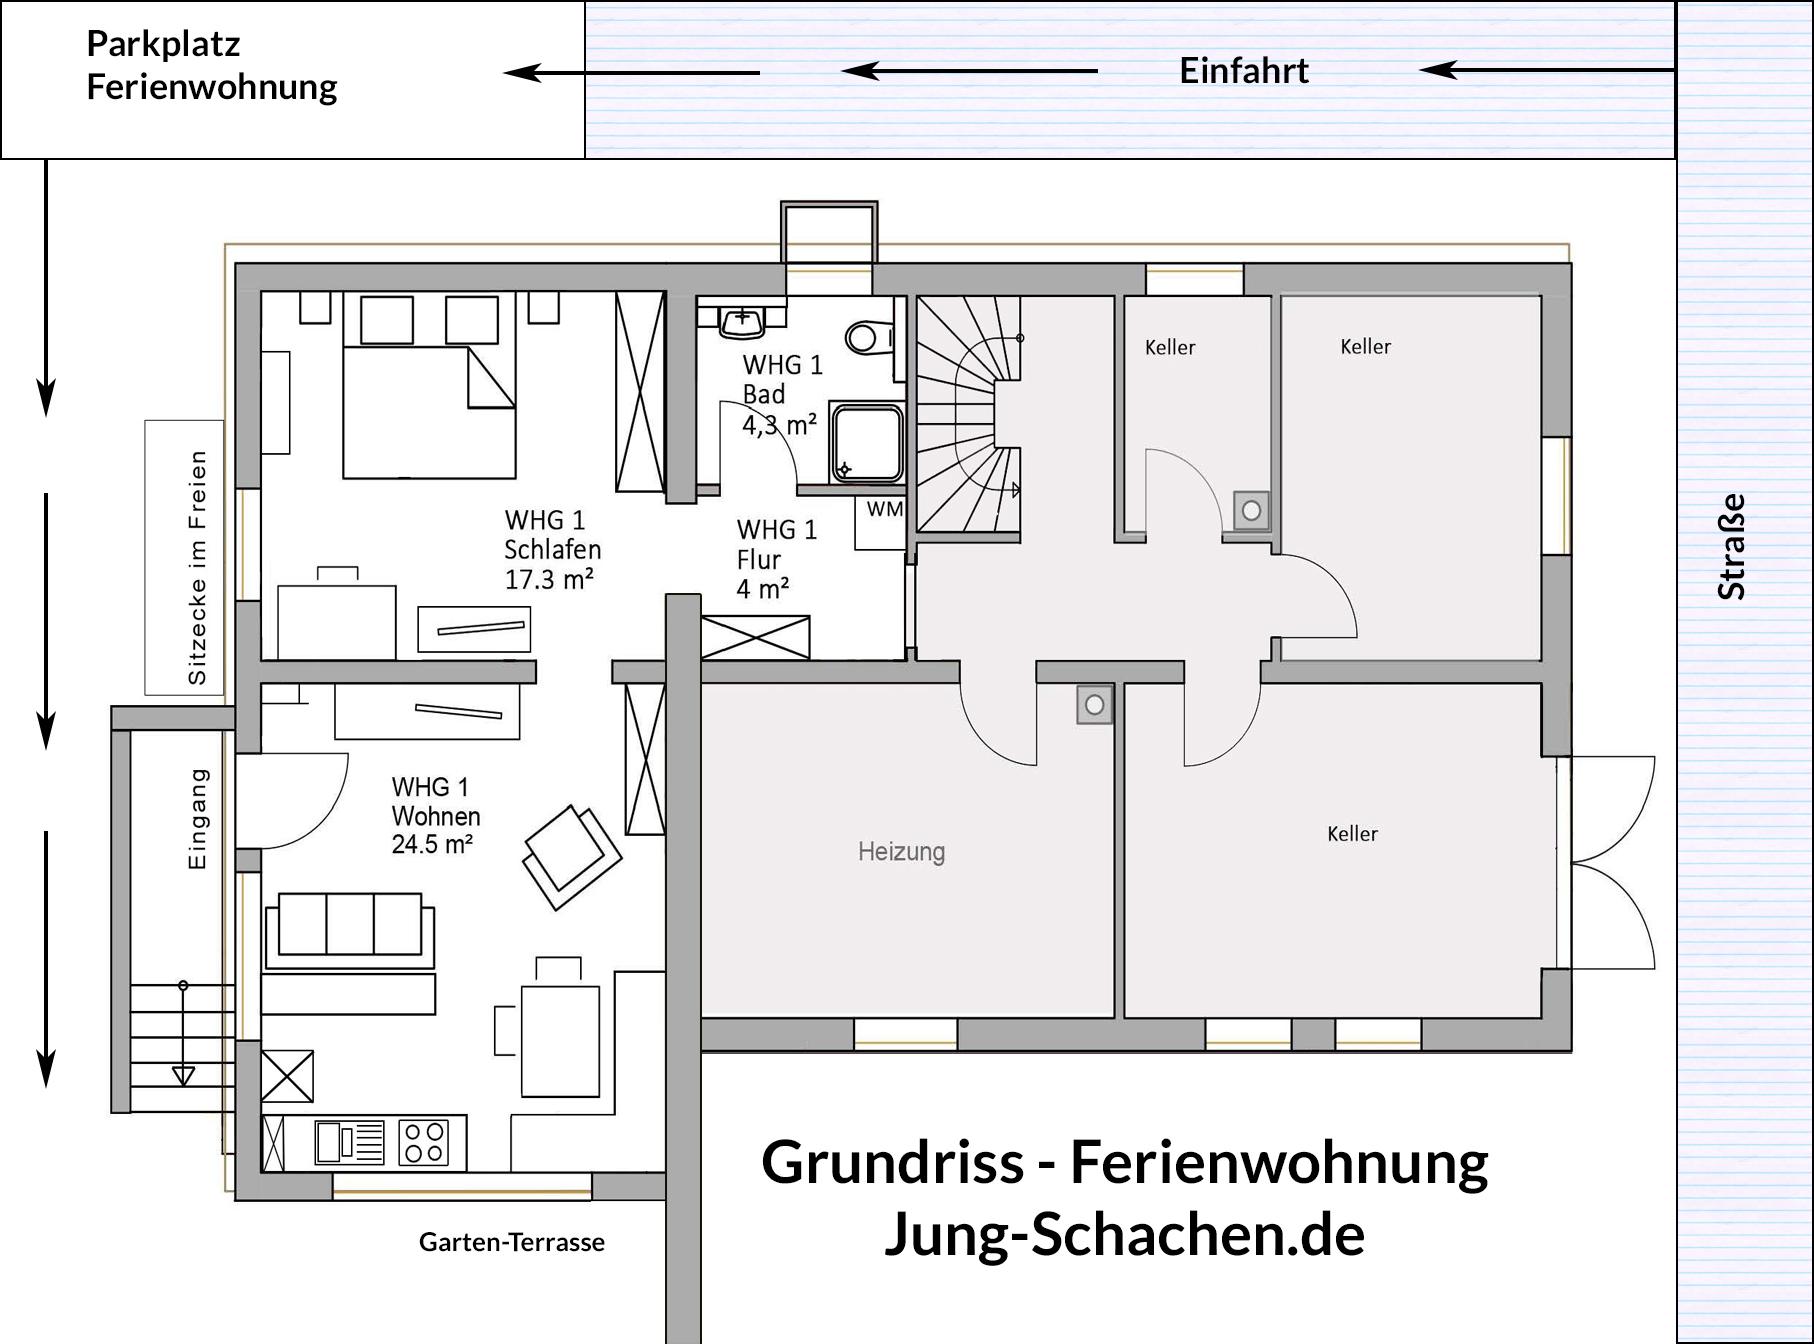 Grundriss Ferienwohnung Jung-Schachen.de